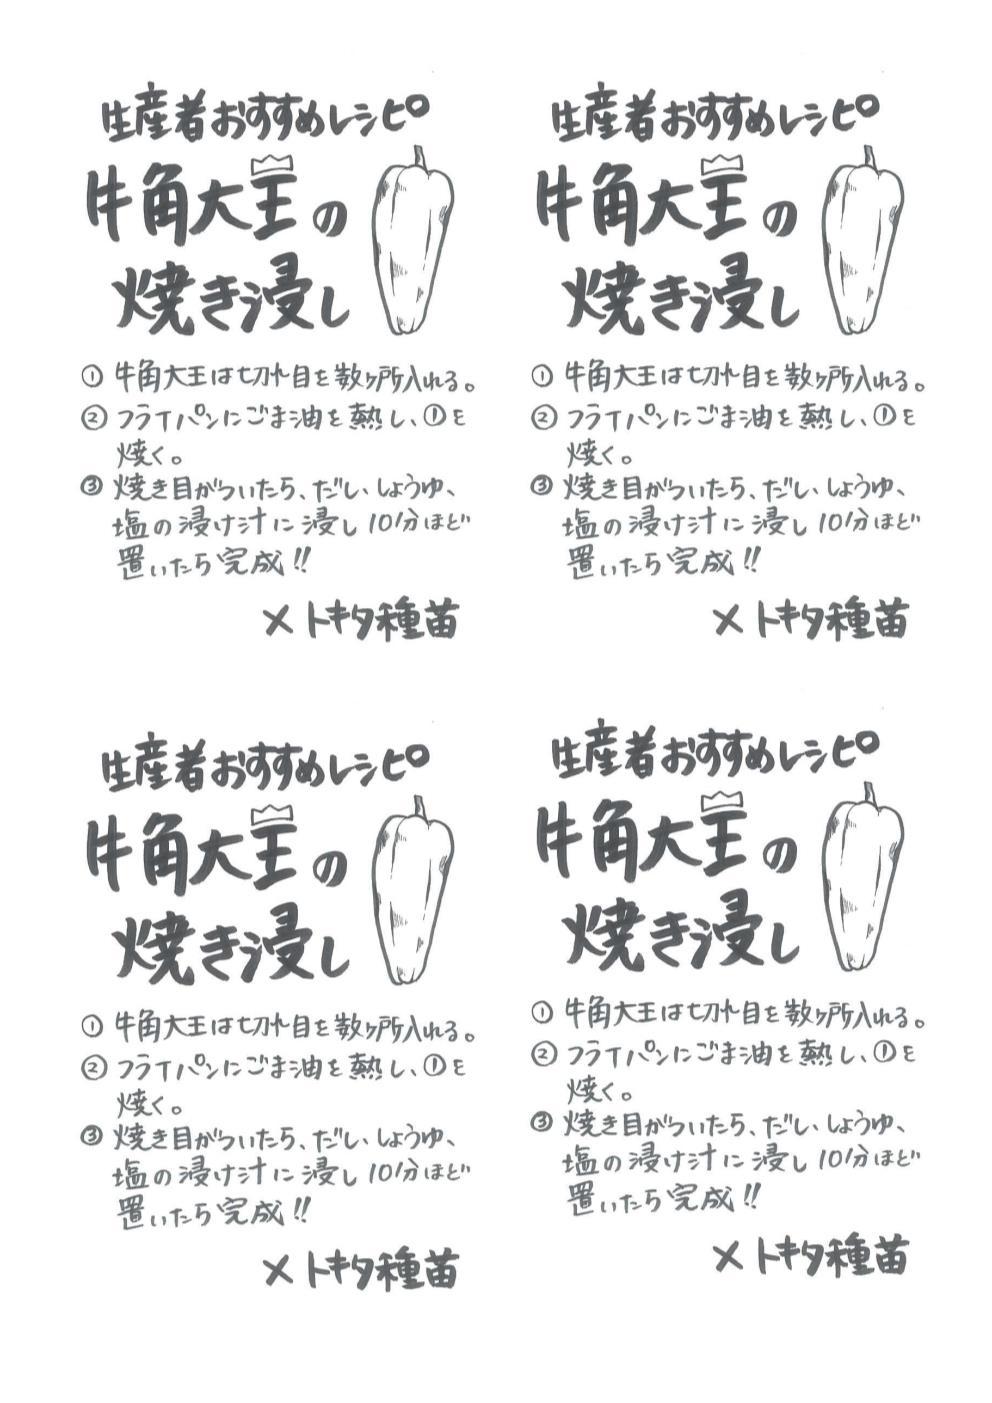 牛角大王の焼きびたし手書きレシピ